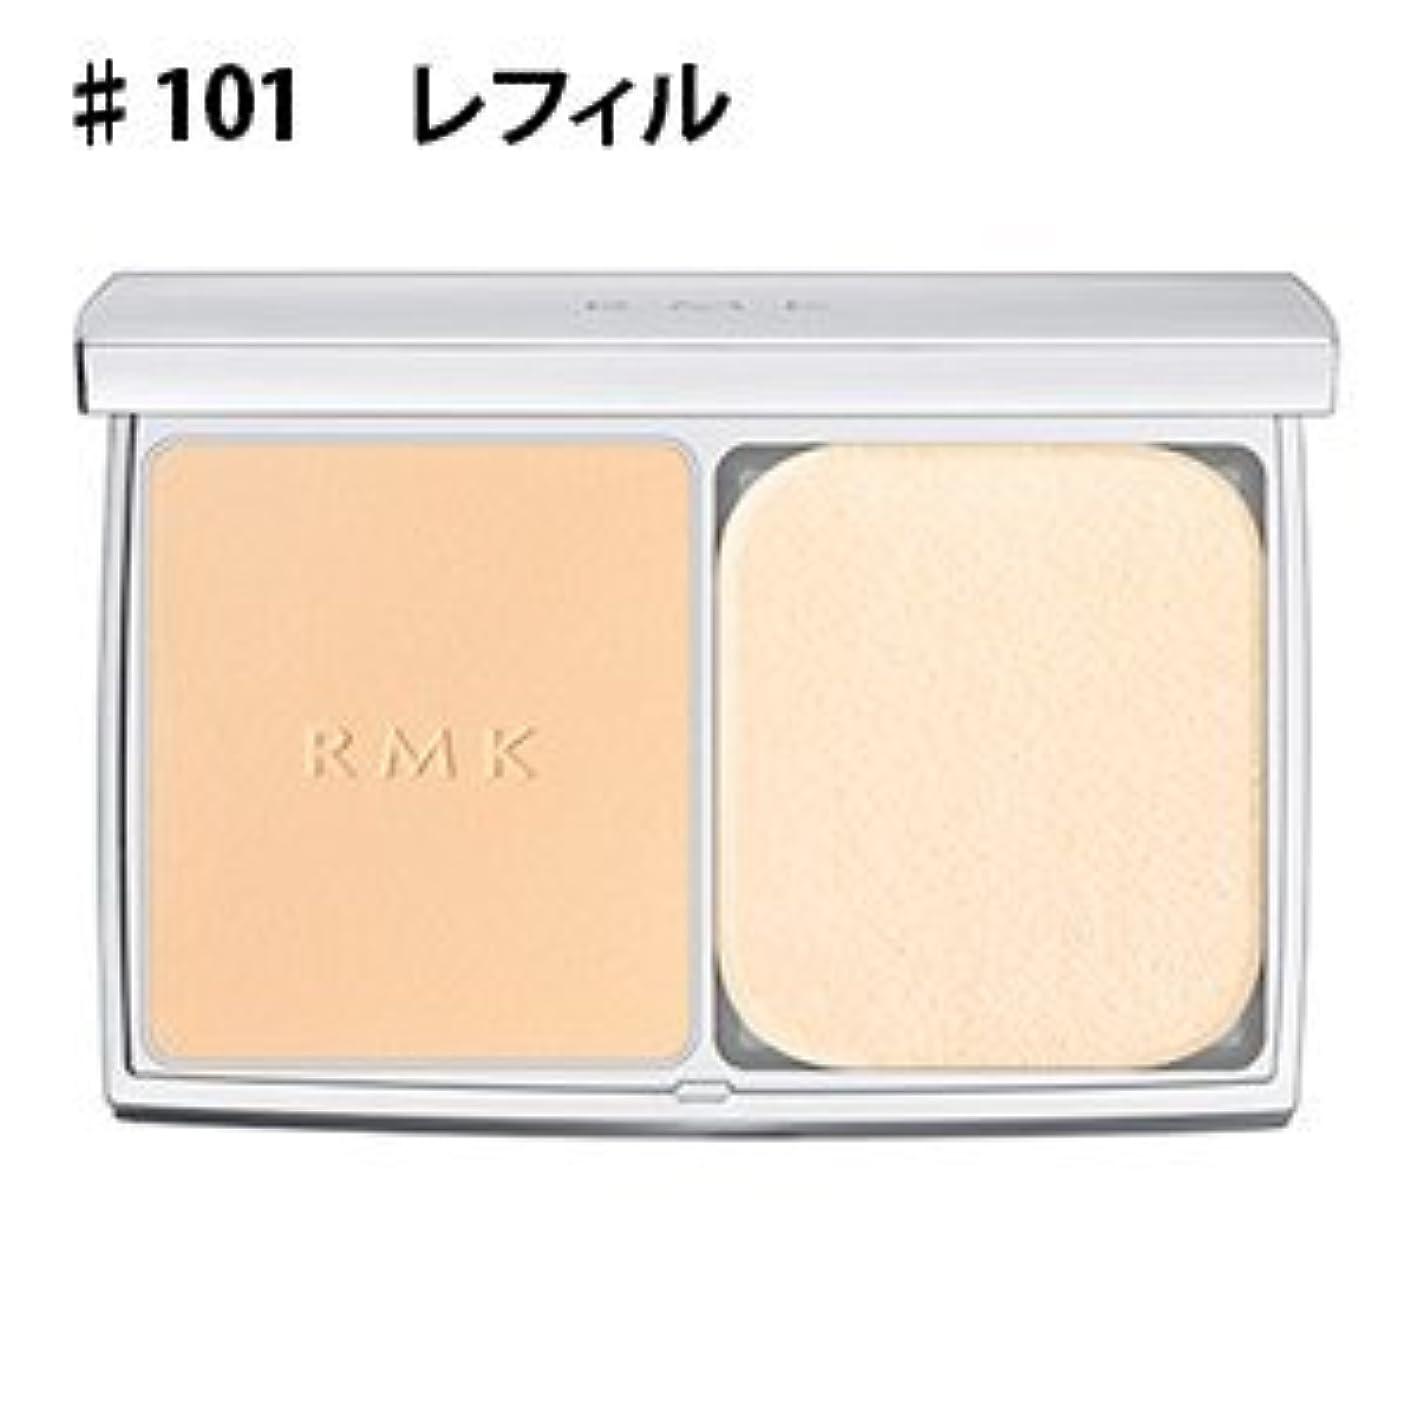 シャーク上配管【RMK ファンデーション】RMK UV ファンデーション レフィル #101 【並行輸入品】